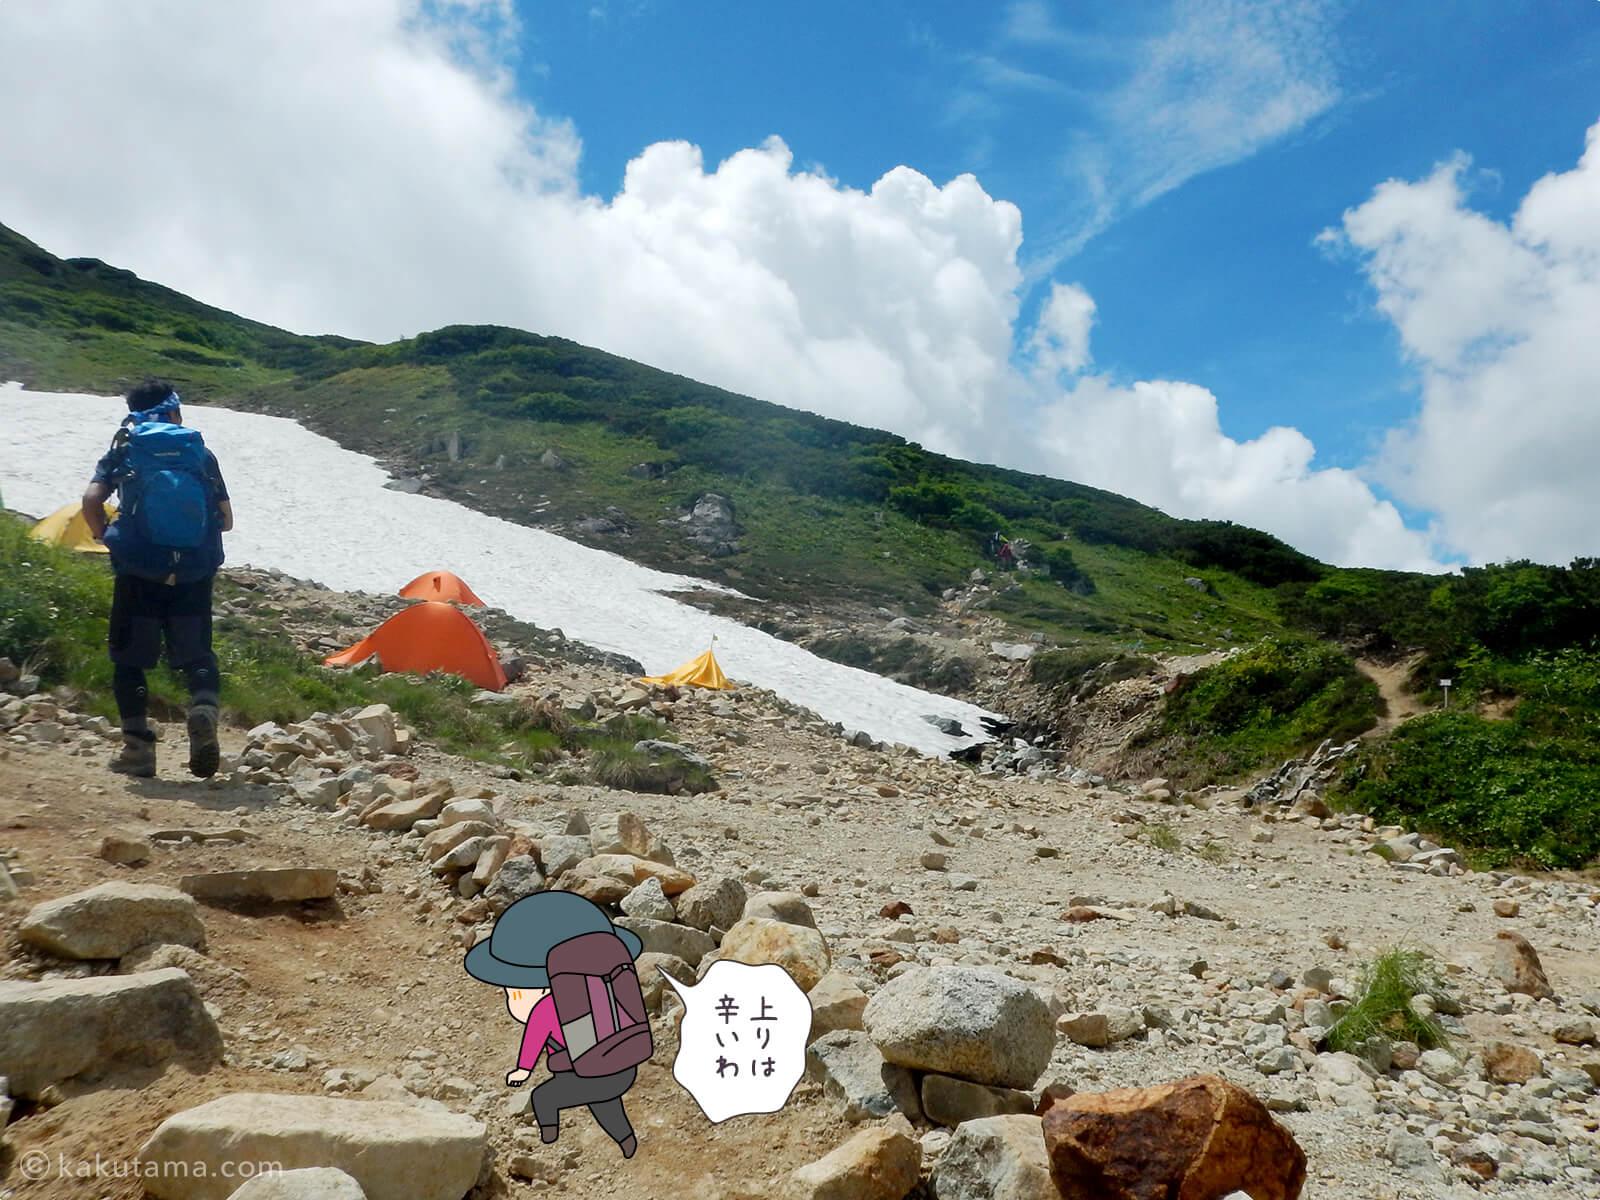 三俣山荘のテント場1